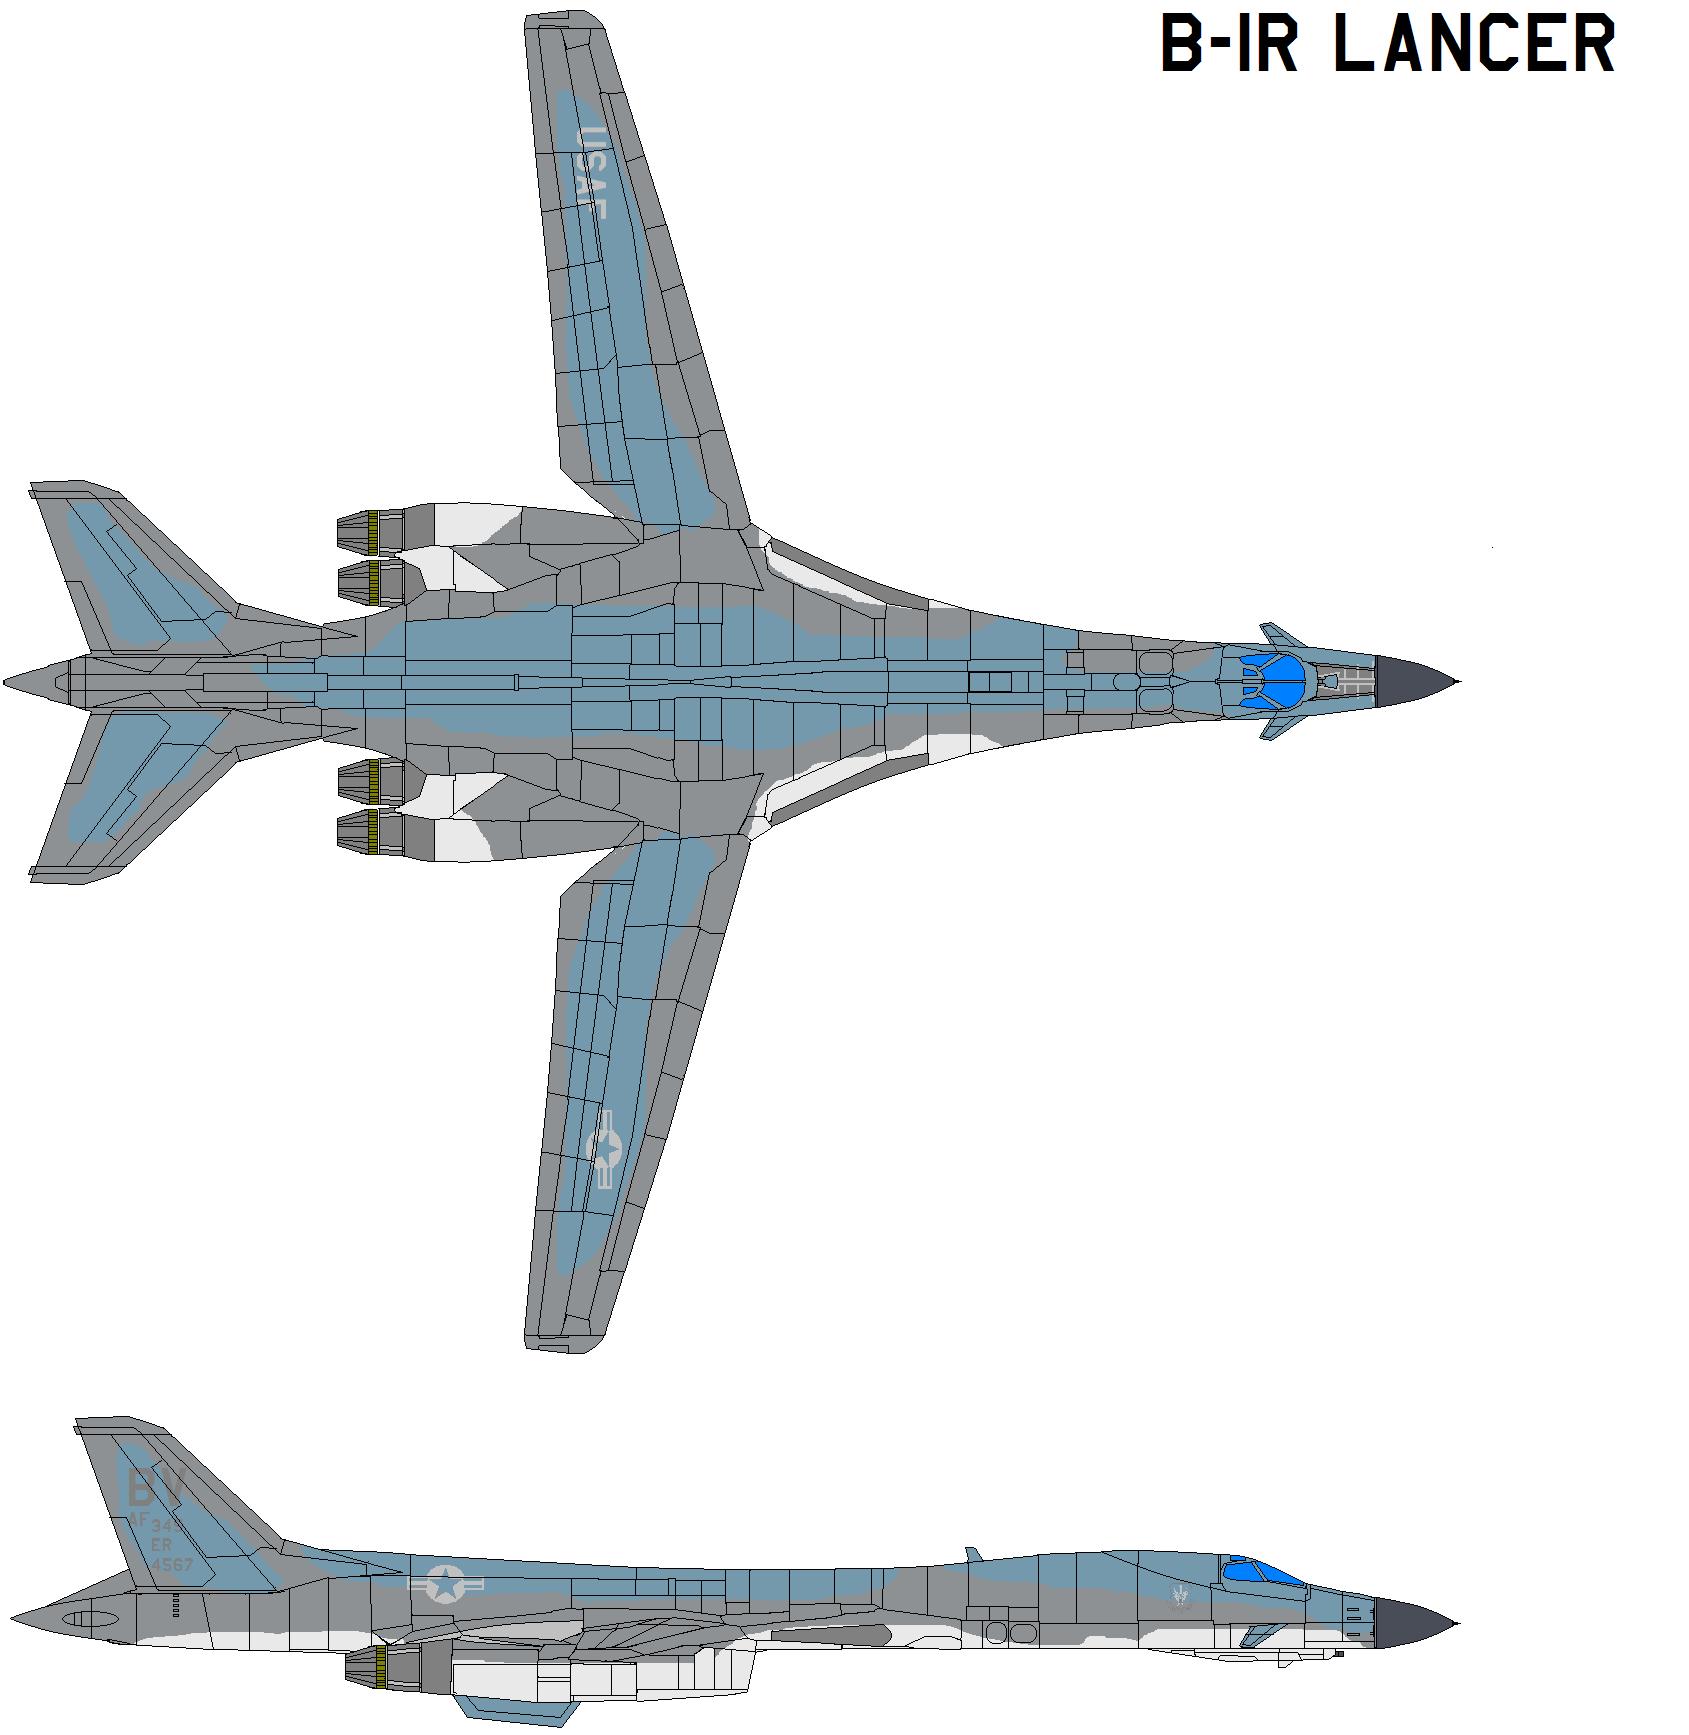 Boeing B-1R Lancer by bagera3005 on DeviantArt